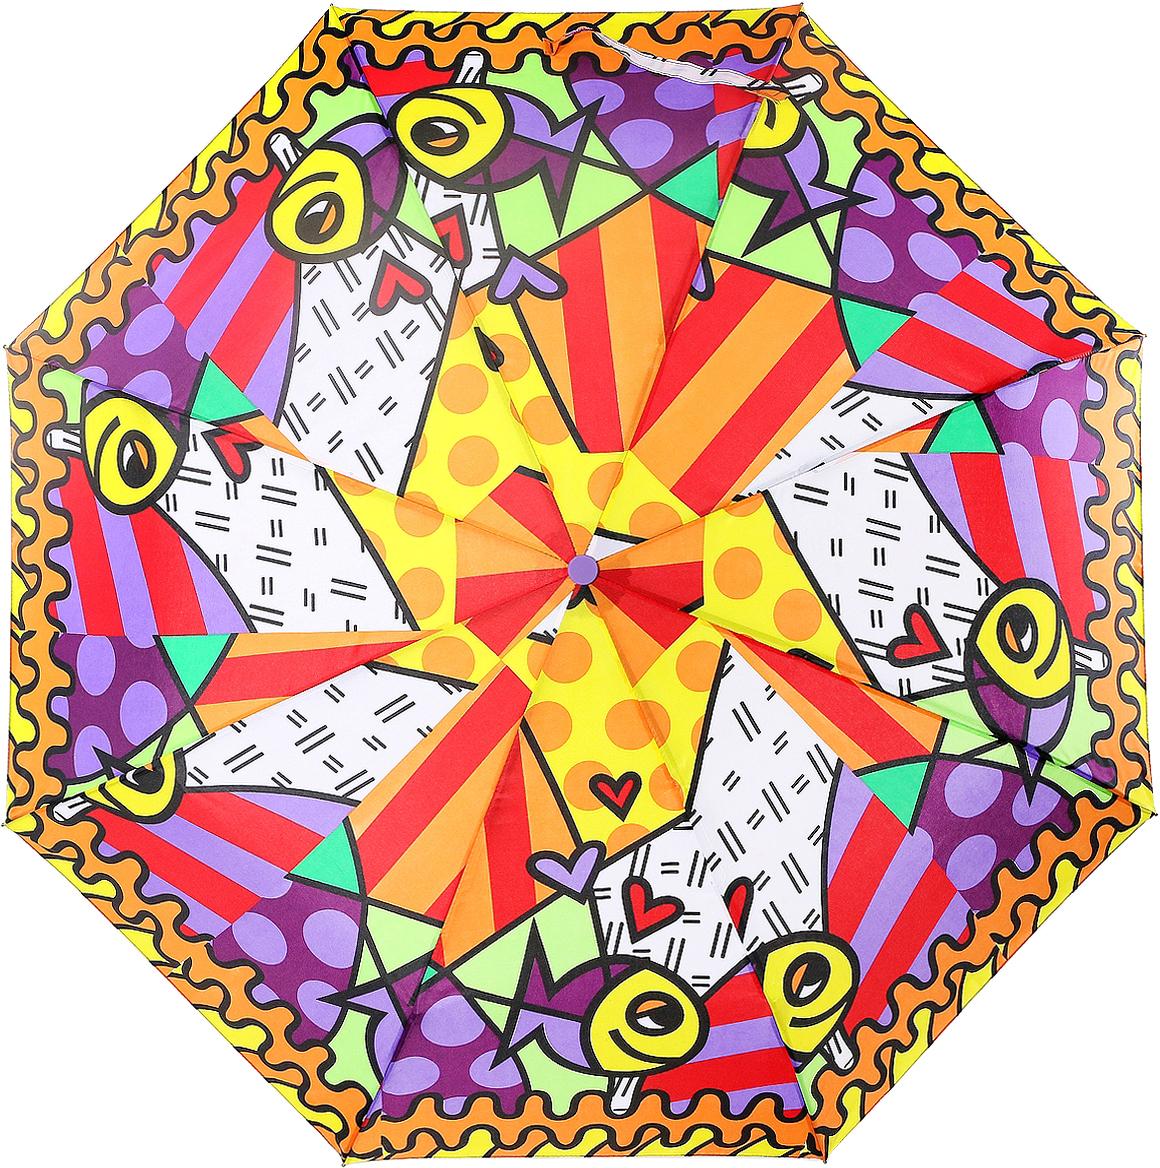 Зонт женский Artrain, цвет: красный, фиолетовый, желтый. 3515-551945100033/18076/3500NКлассический женский зонт в 3 сложения с механической системой открытия и закрытия. Удобная ручка выполнена из пластика. Модель зонта выполнена в стандартном размере, оснащена системой Антиветер. Этот стильный аксессуар поместится практически в любую женскую сумочку благодаря своим небольшим размерам.